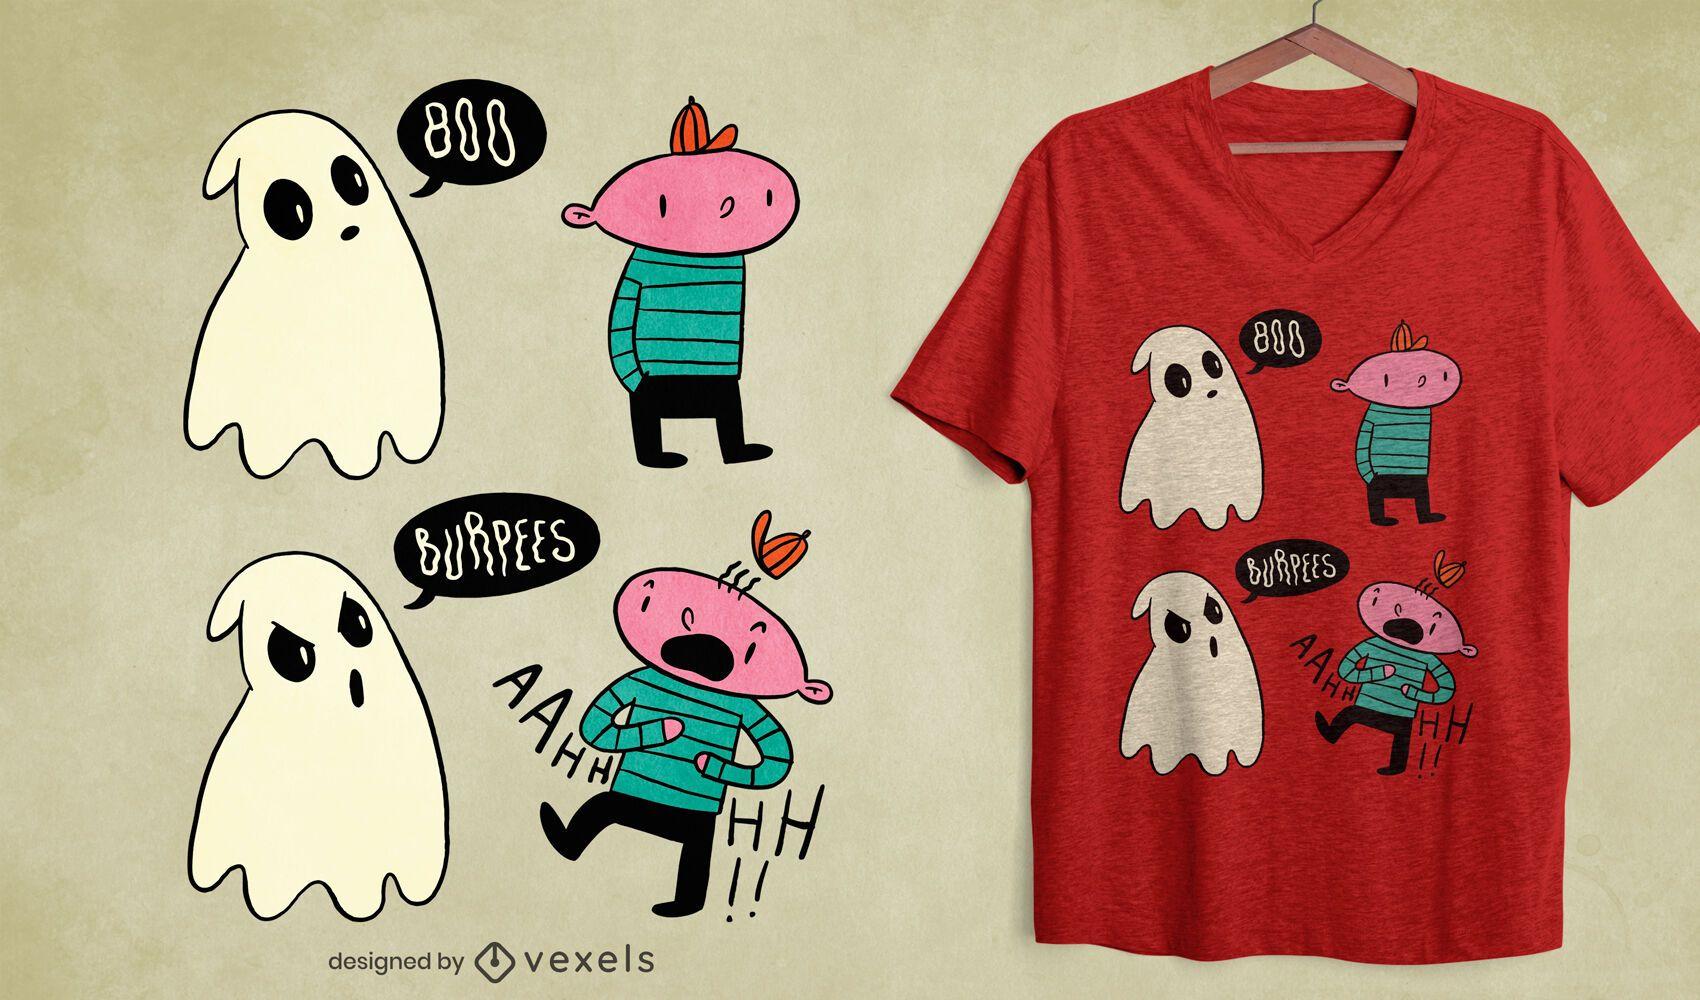 Boo burpees t-shirt design